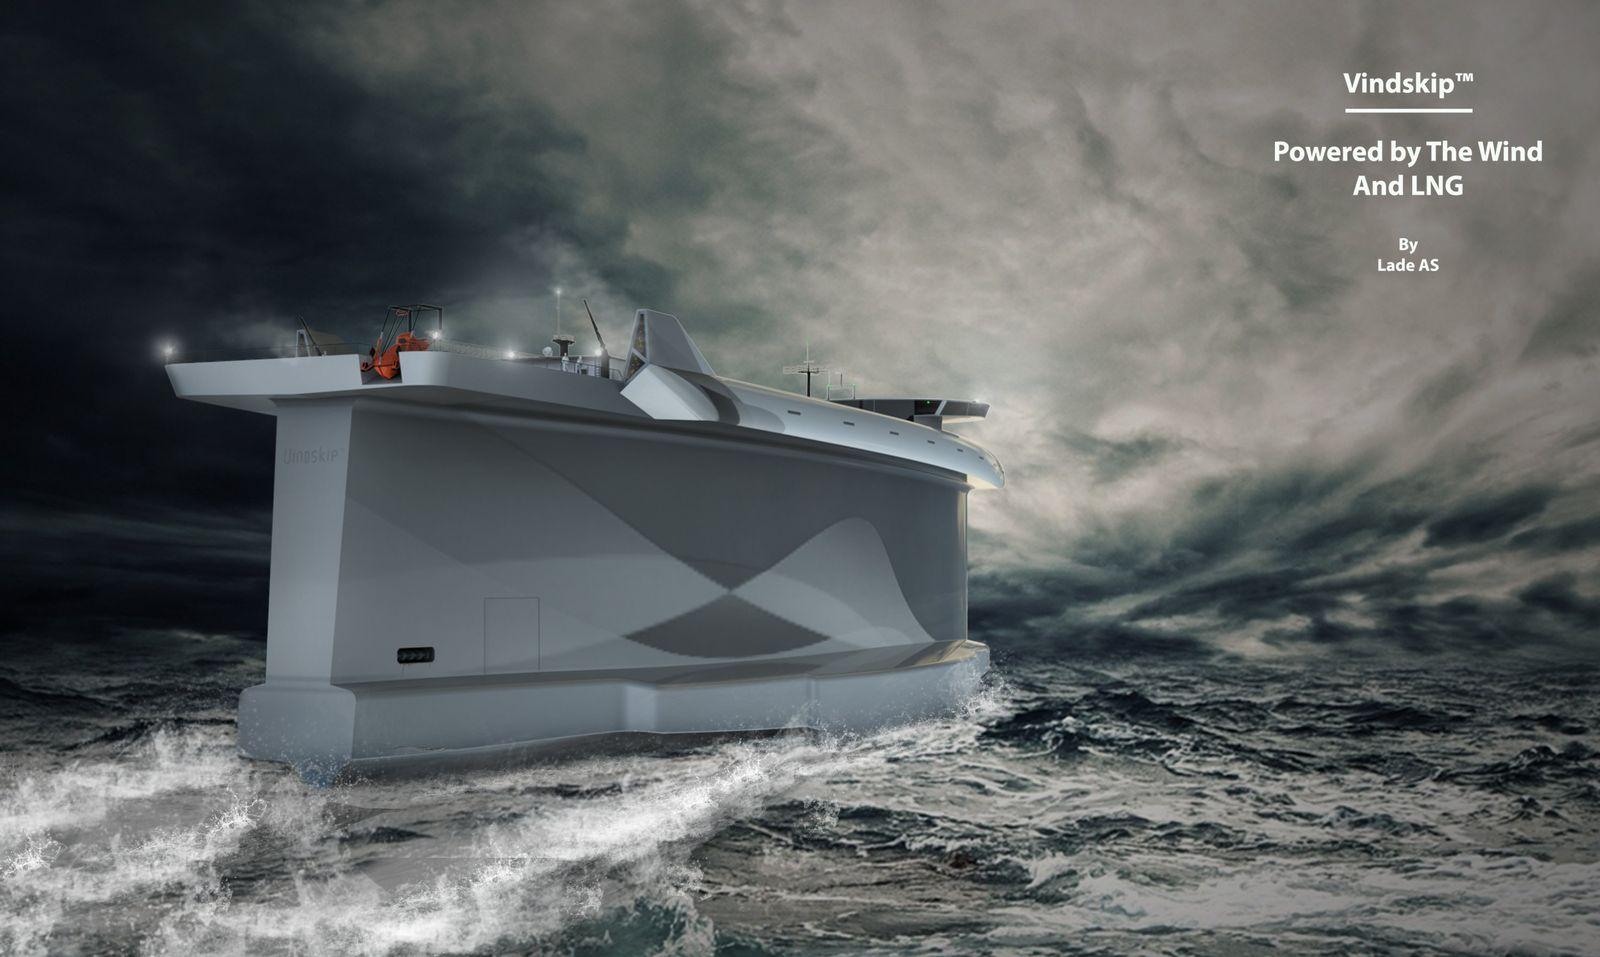 Vindskip/ Windschiff